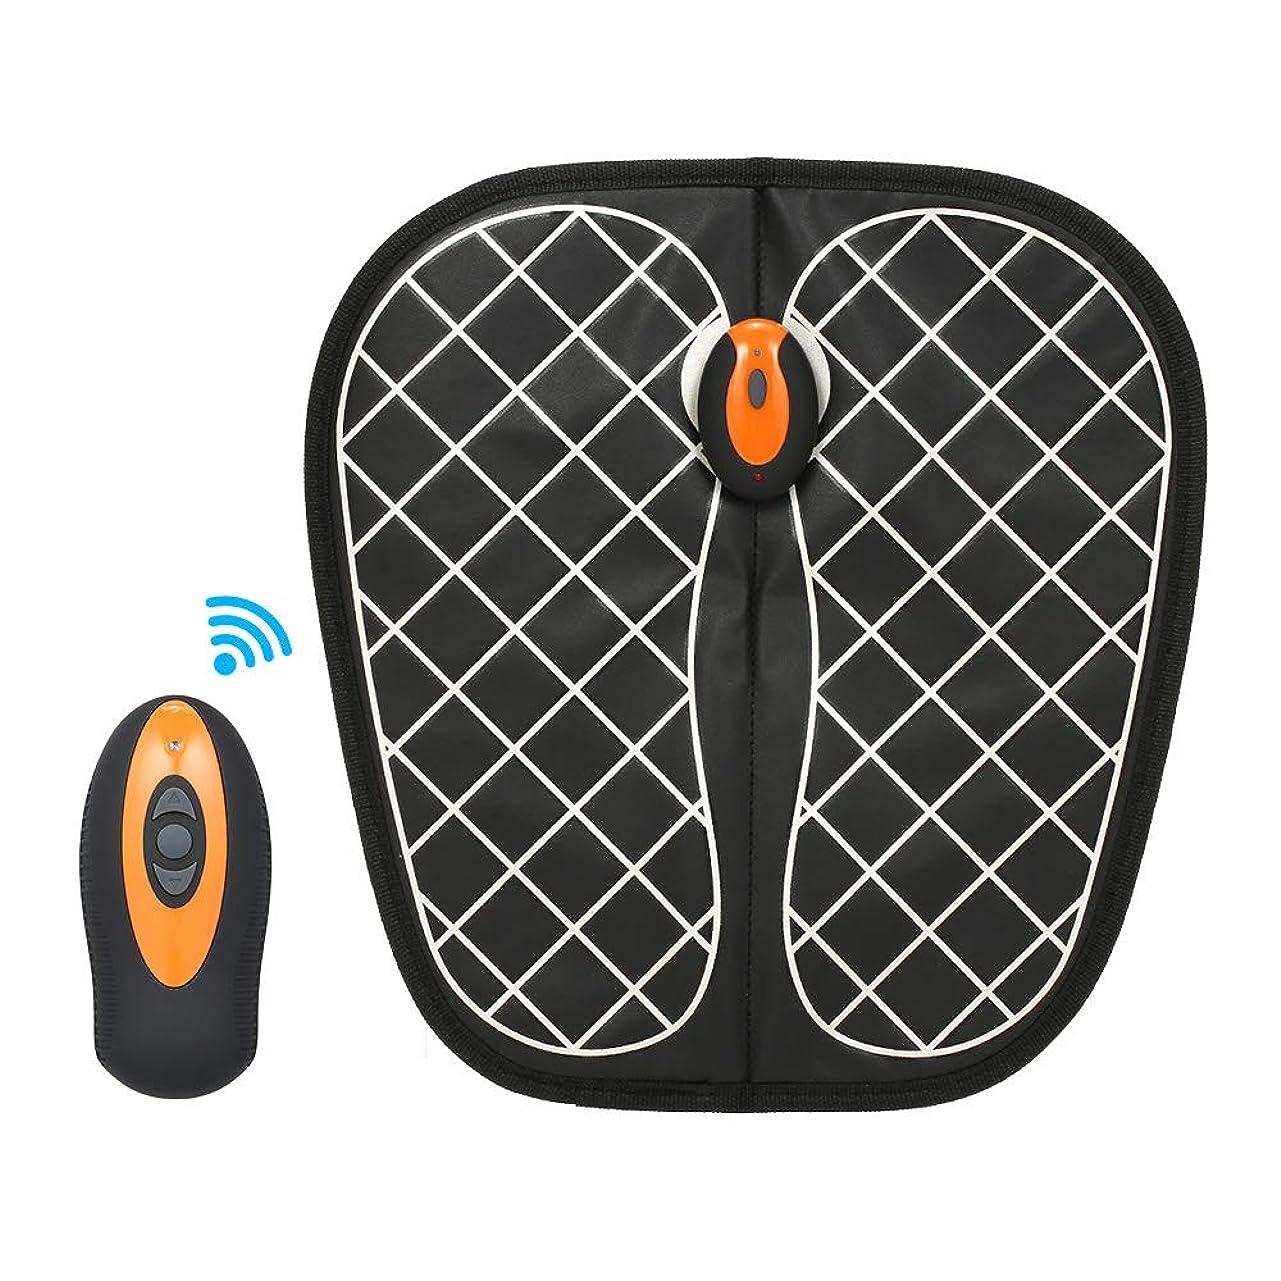 鼻読み書きのできない家主Decdeal EMSフットマッサージャー フットマッサージャー 足用 充電式 マッサージ器 USB充電 操作簡単 持ち運び便利 ブラック